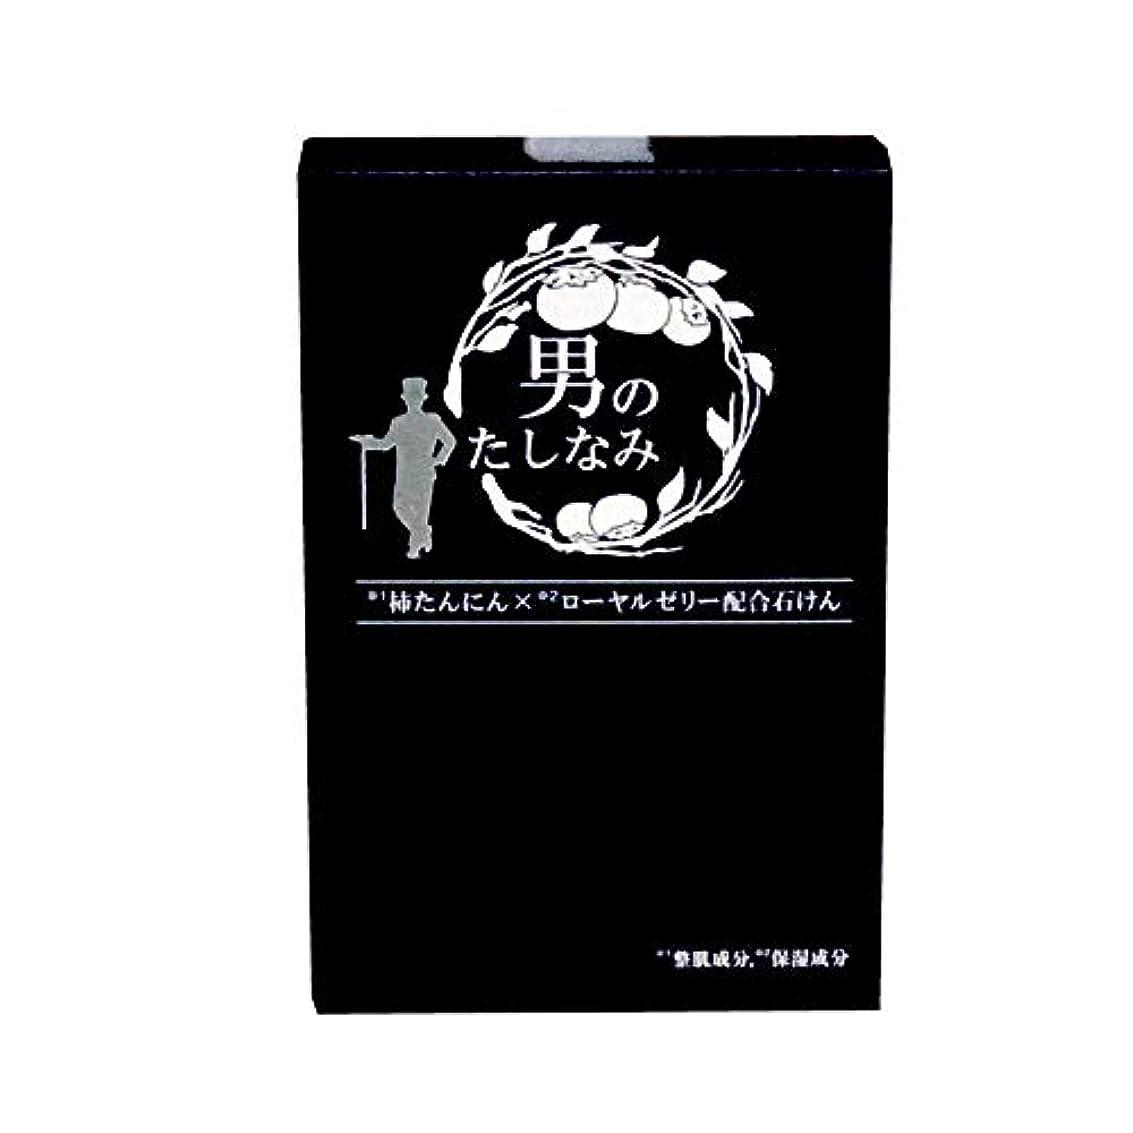 レプリカ消費者魅惑する【初回限定 お試し価格】 柿渋石鹸 男のたしなみ (100g)